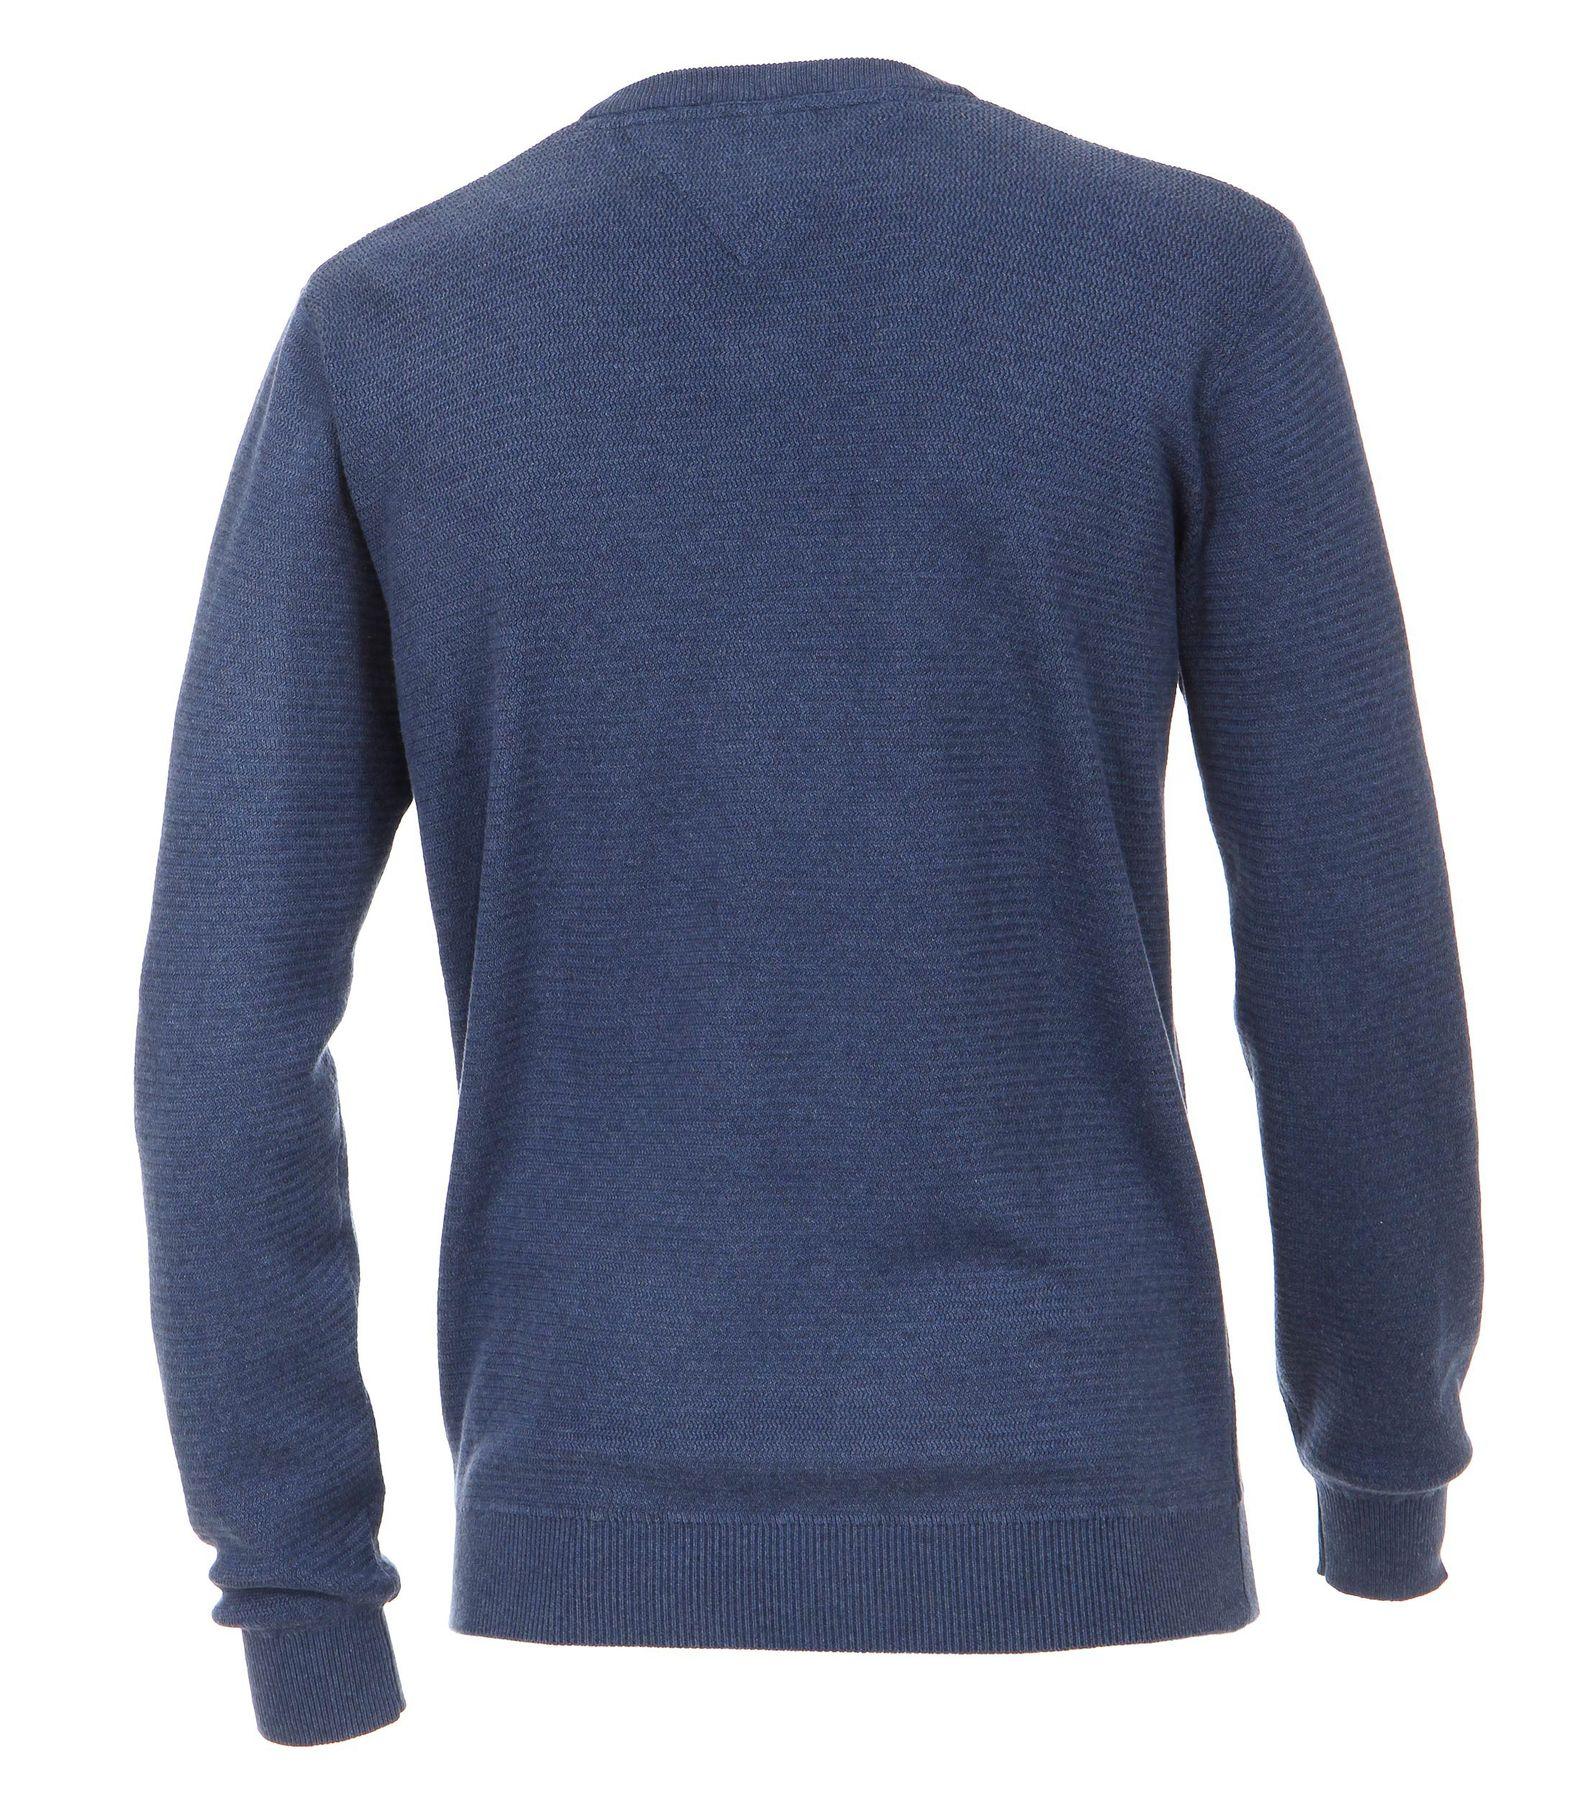 Casa Moda - Herren Pullover mit V-Ausschnitt in Melange Optik (462521200A) – Bild 8